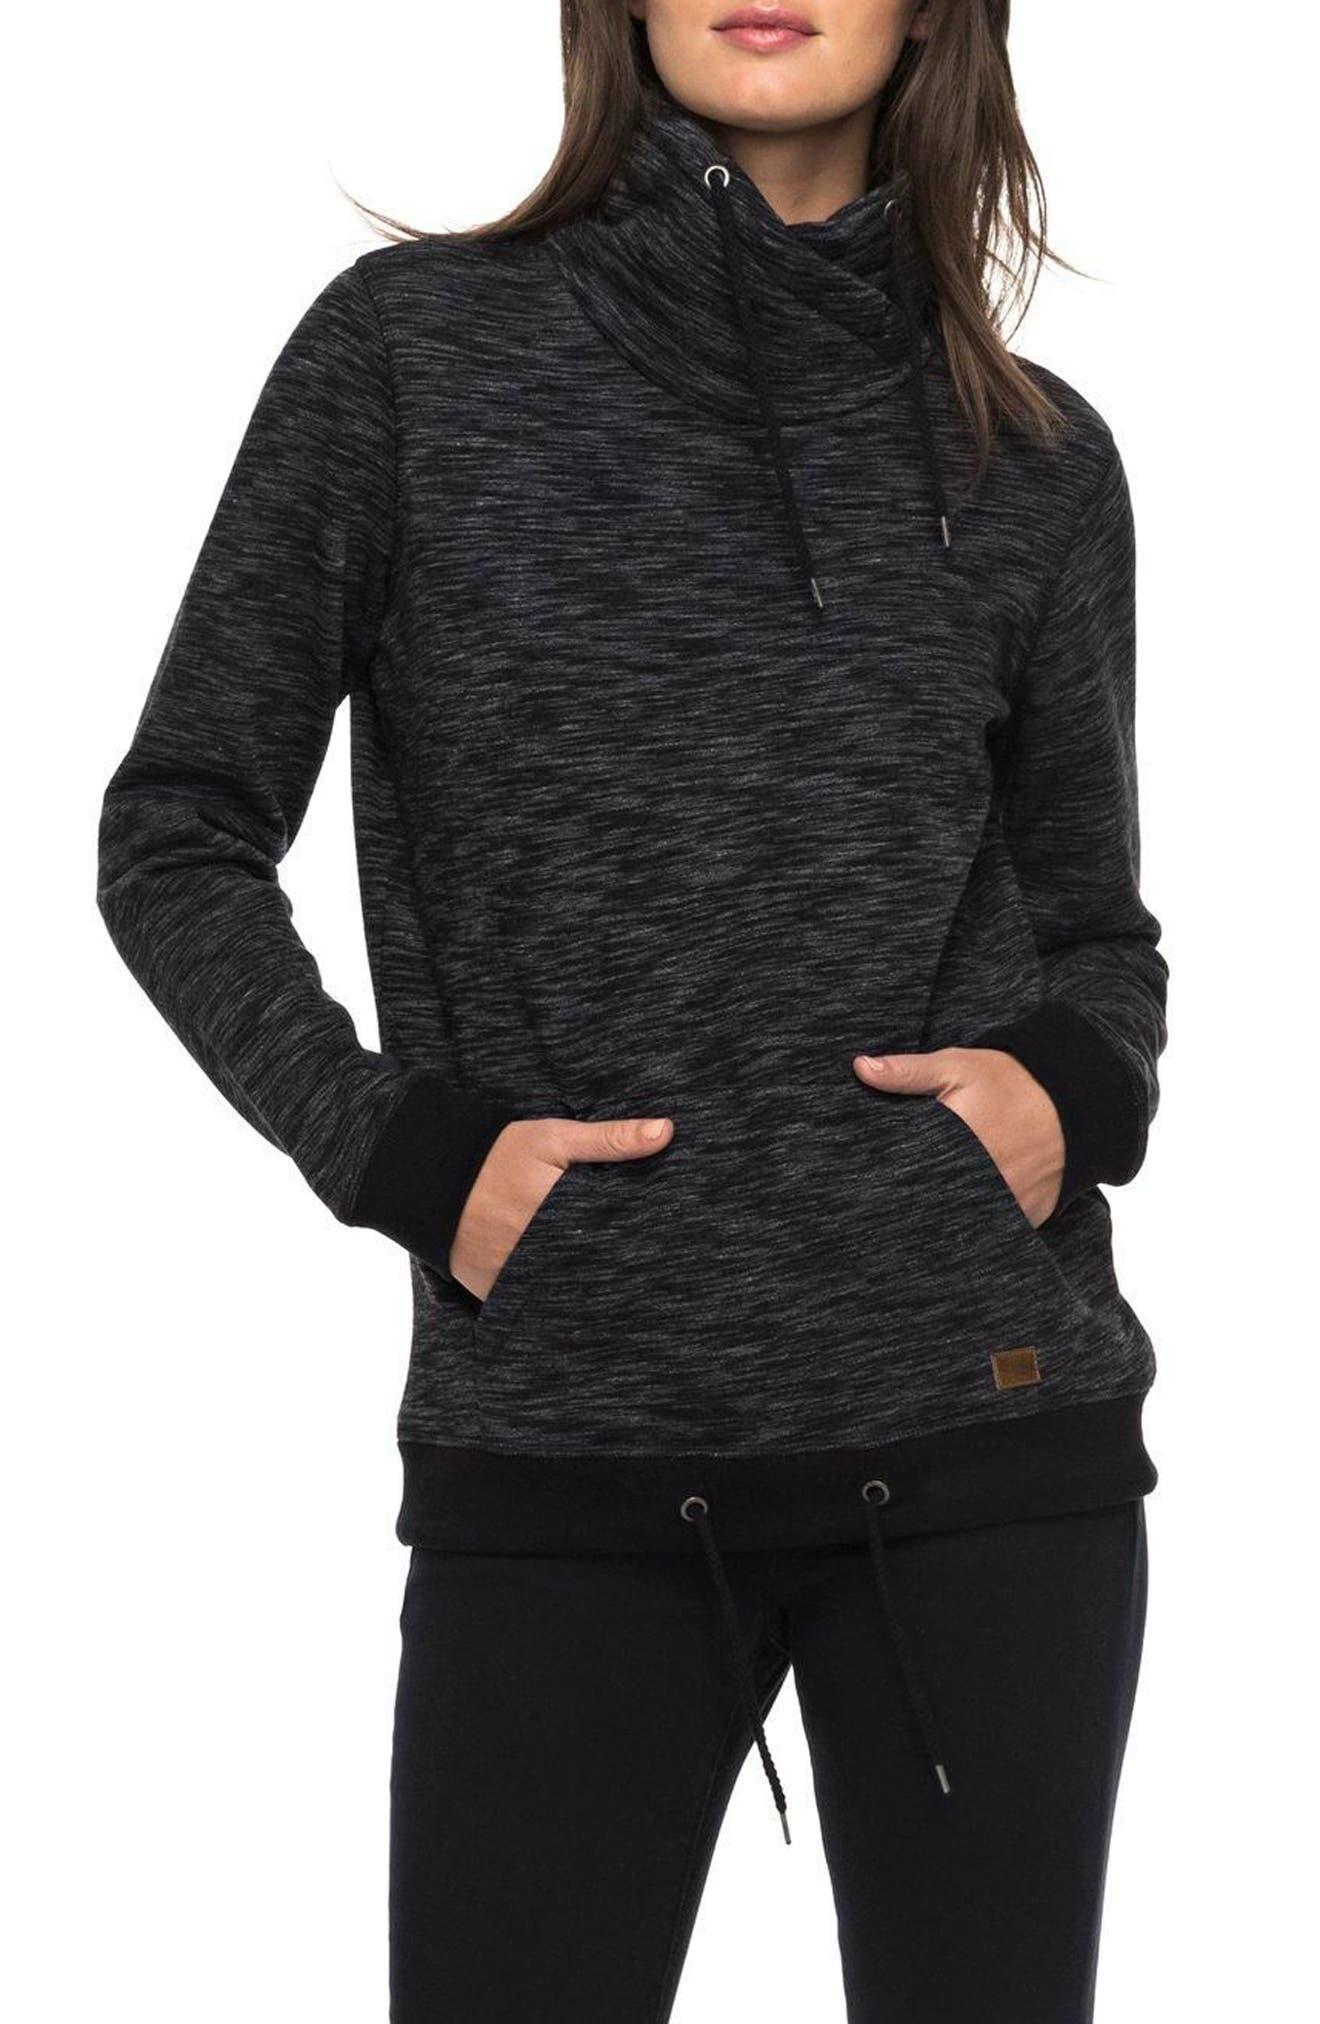 Roxy Sandy Dreams Sweatshirt